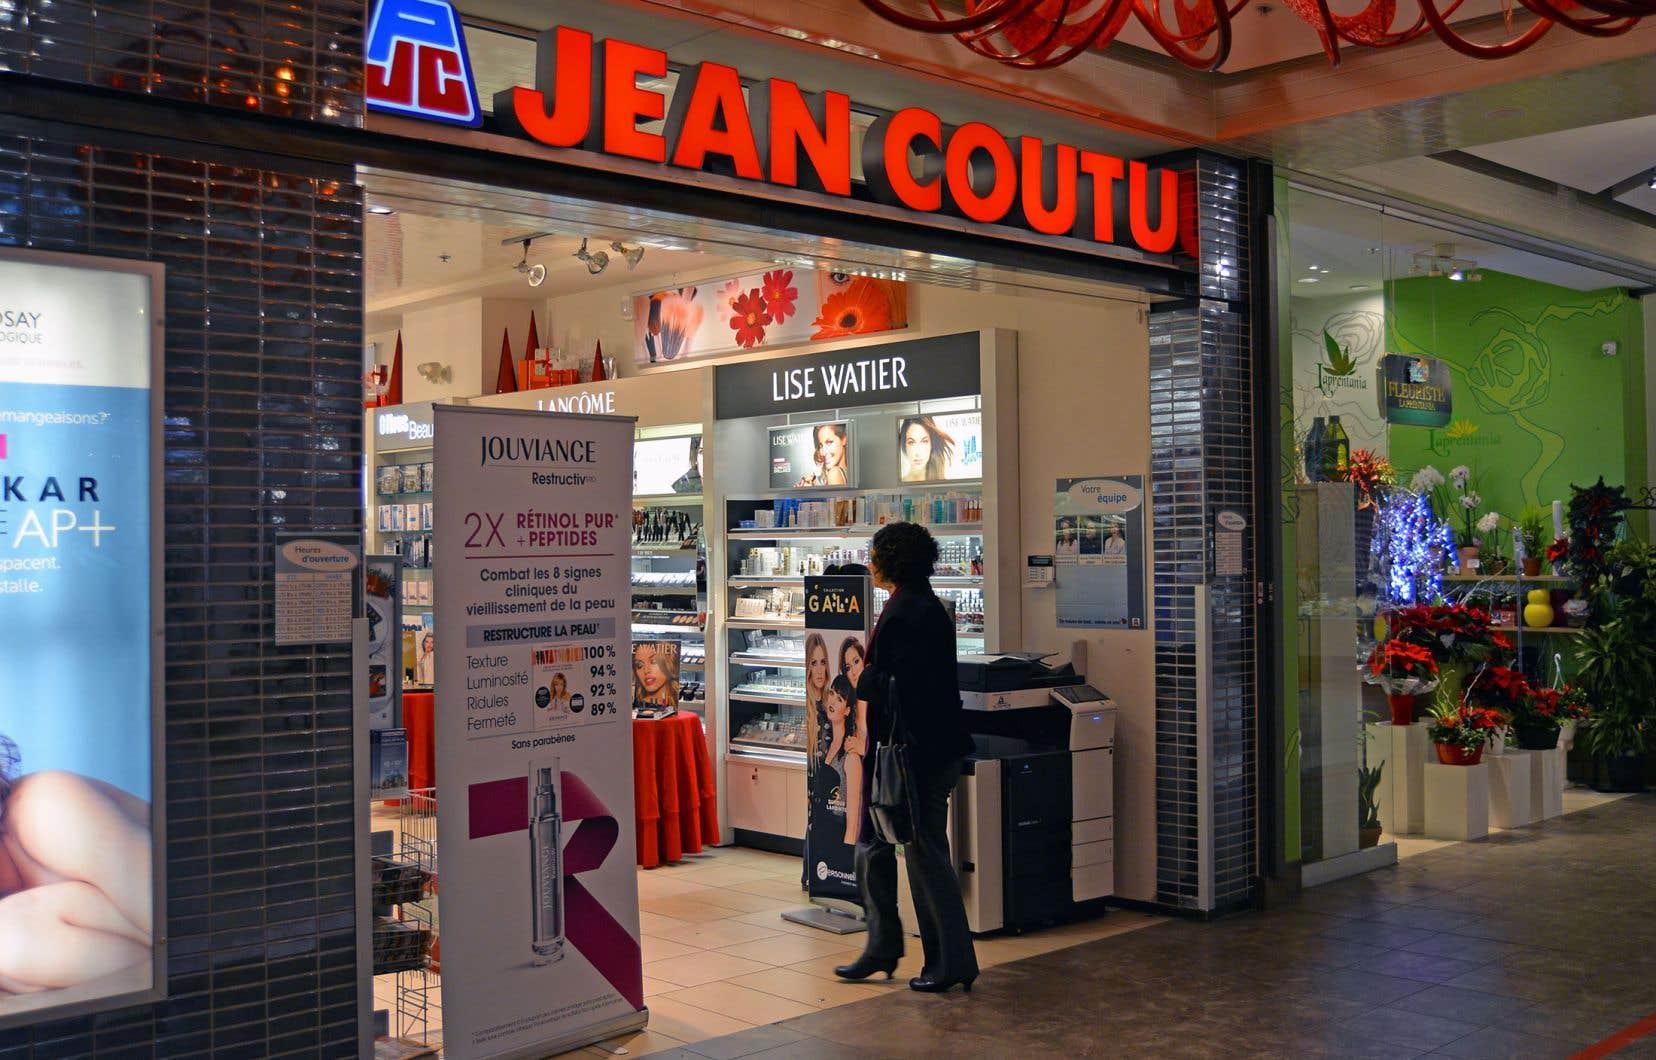 Les pharmacies Jean Coutu ont commencé à proposer certains des produits des marques privées Sélection et Irrésistibles de Metro.